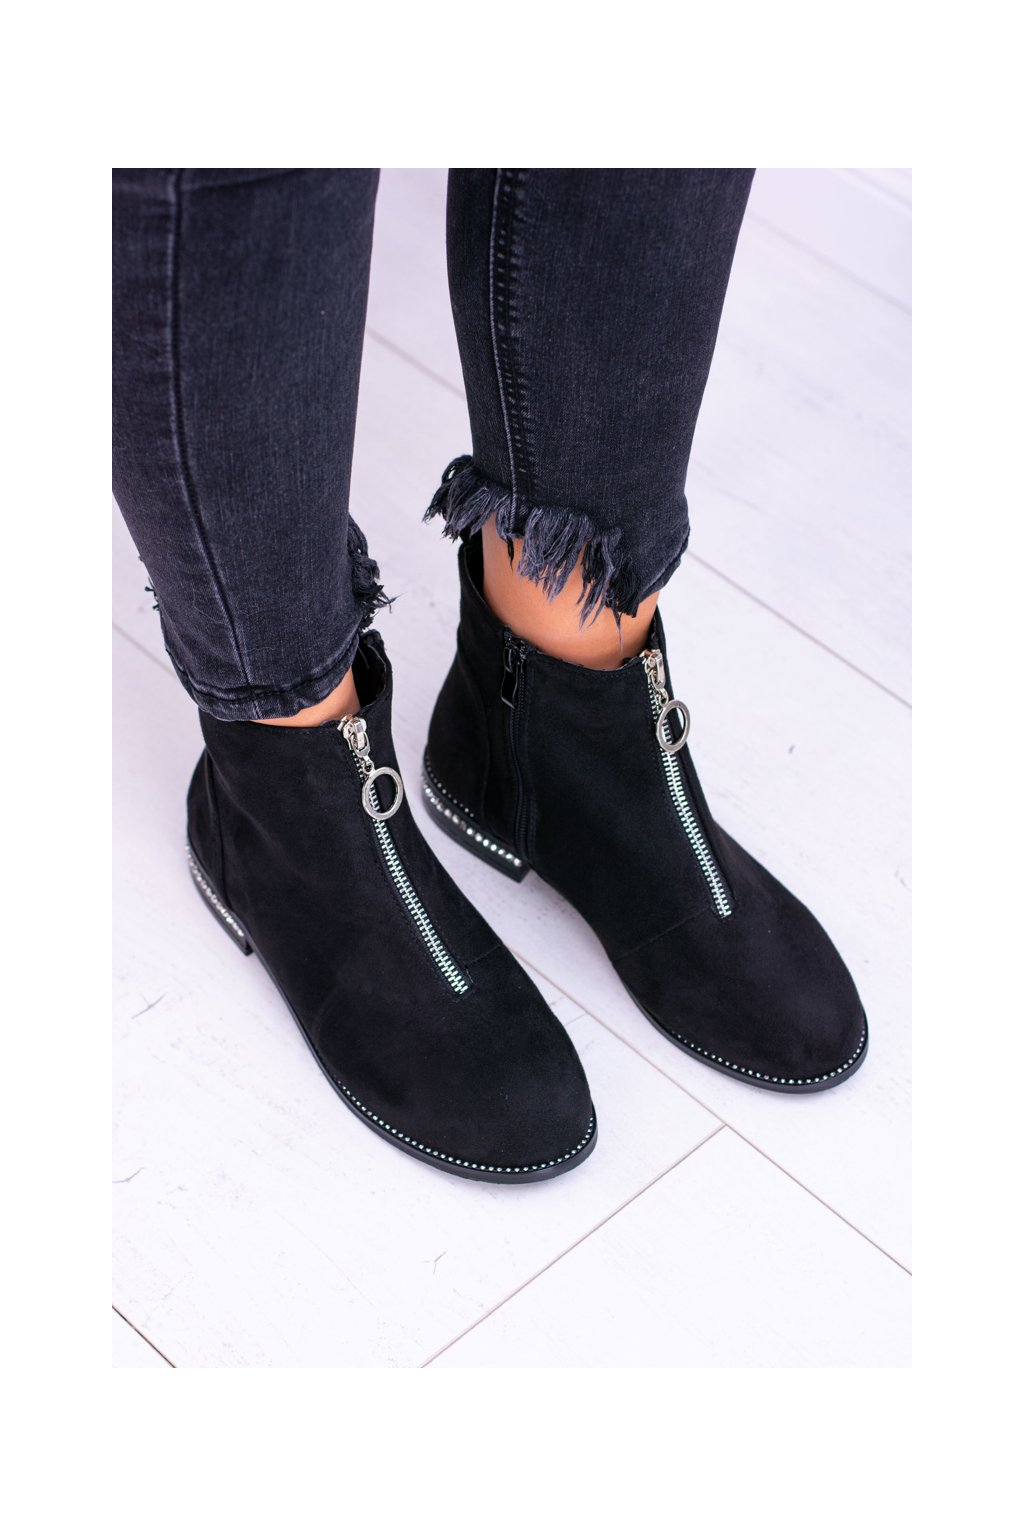 Dámske členkové ploché topánky s ozdobným zipsom čierne Femina